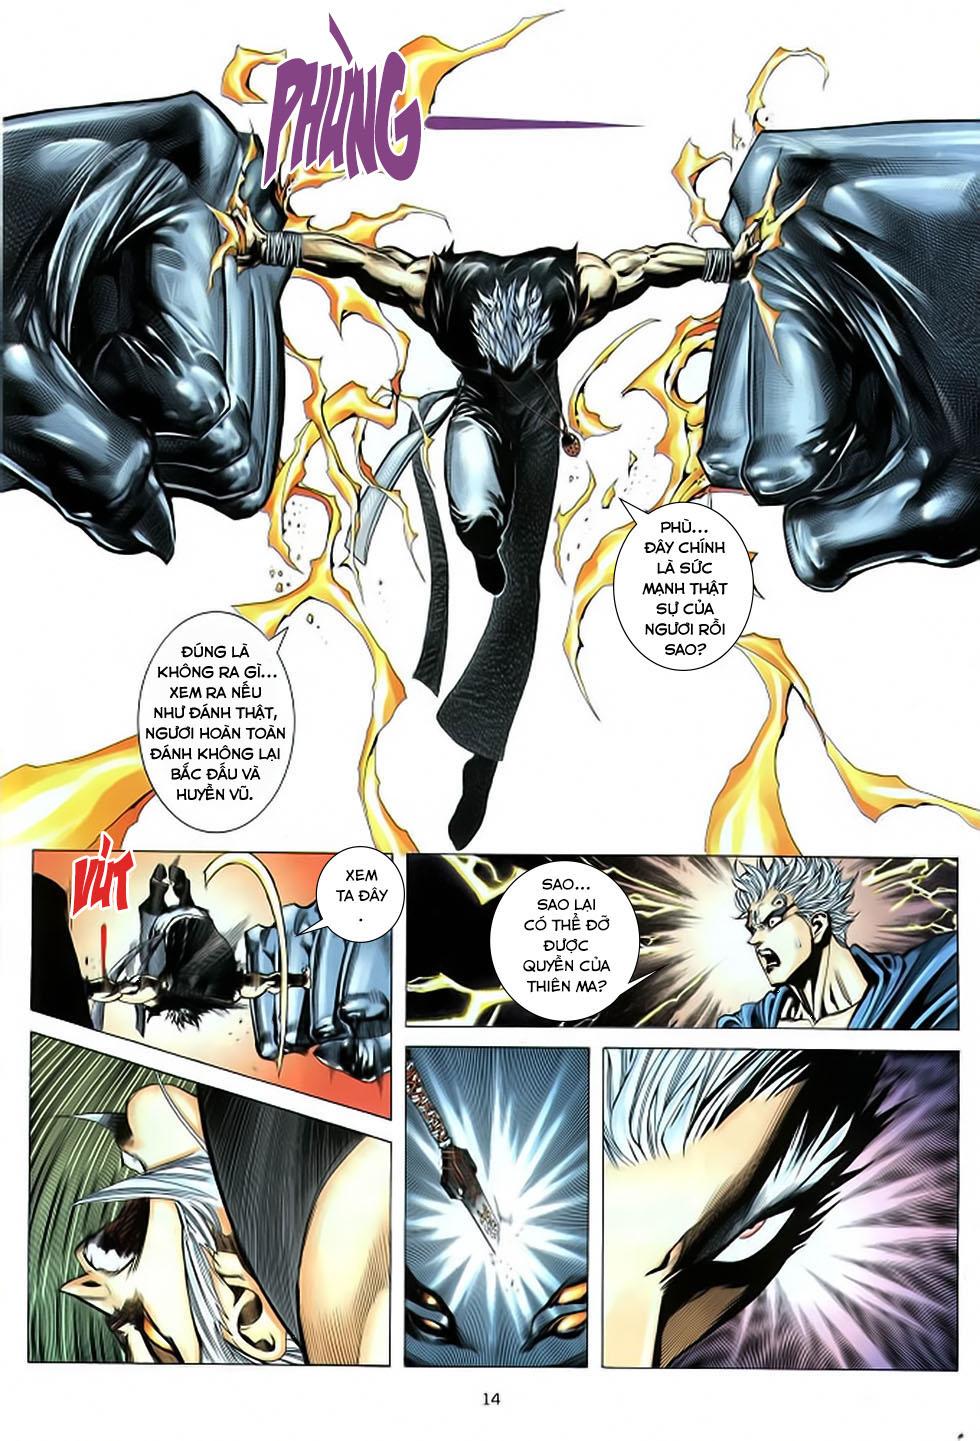 Chiến Thần Ký chap 39 - Trang 15